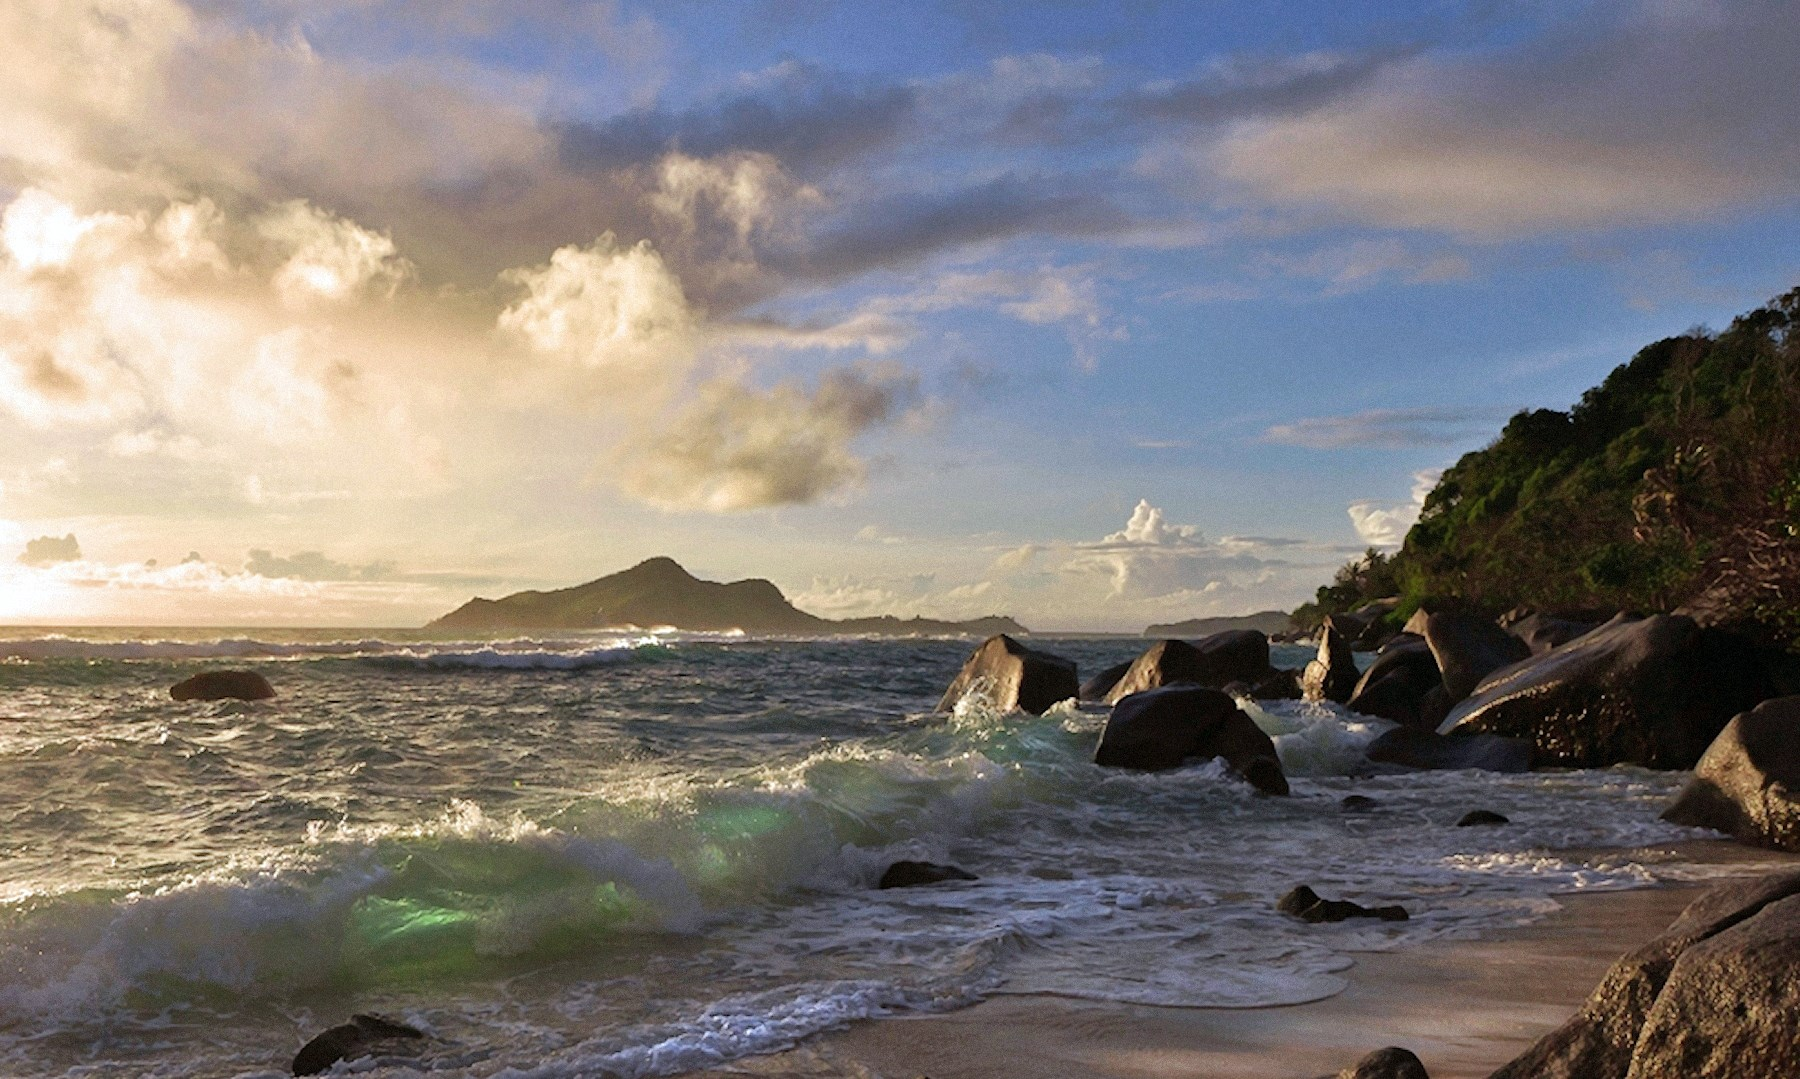 00 Lyudmila Prokofiev. Azure Waves. Seychelles. 19.05.15